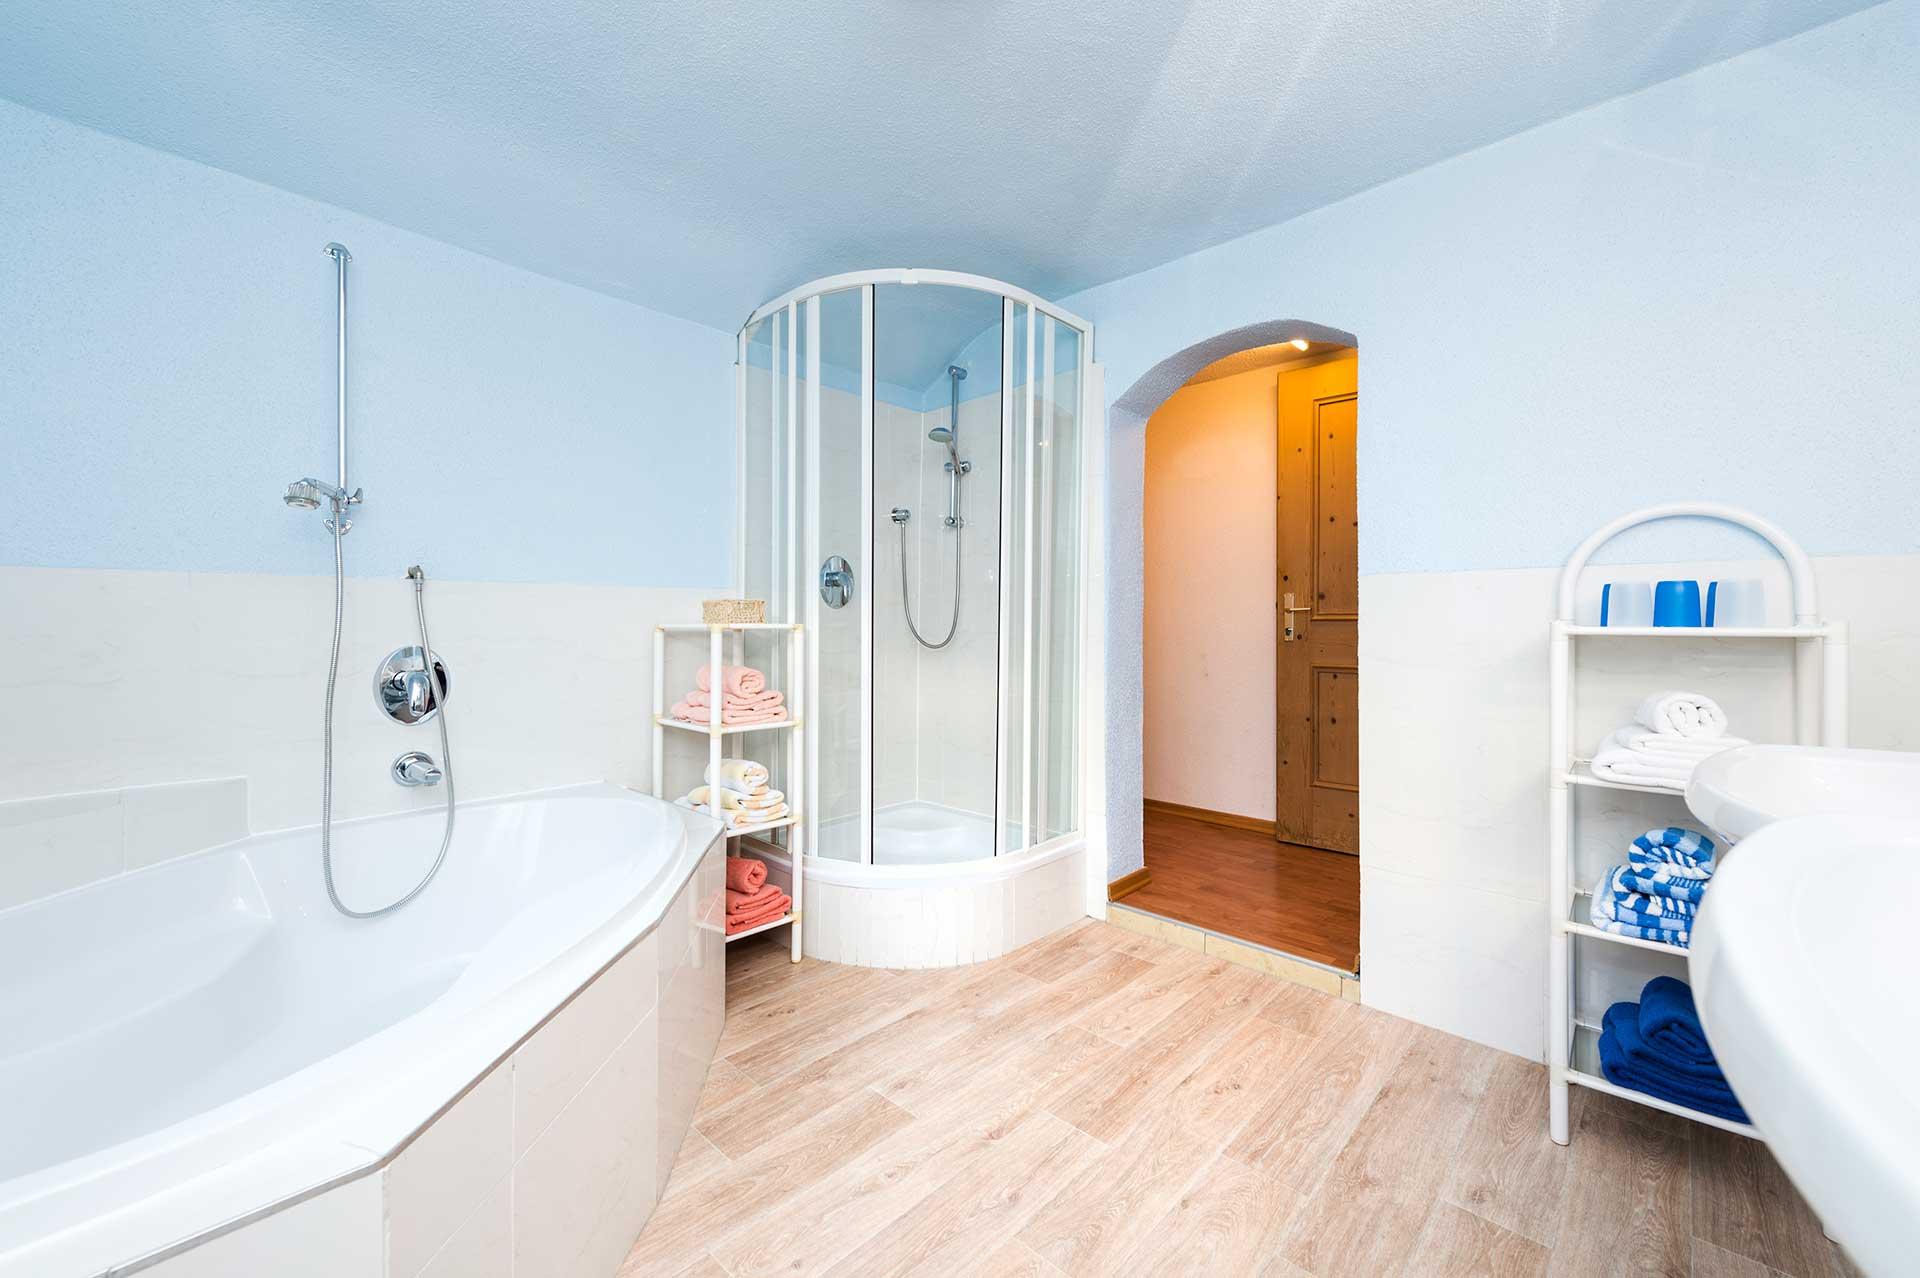 geraeumiges badezimmer im hotel angelika apartment gleich nebenan